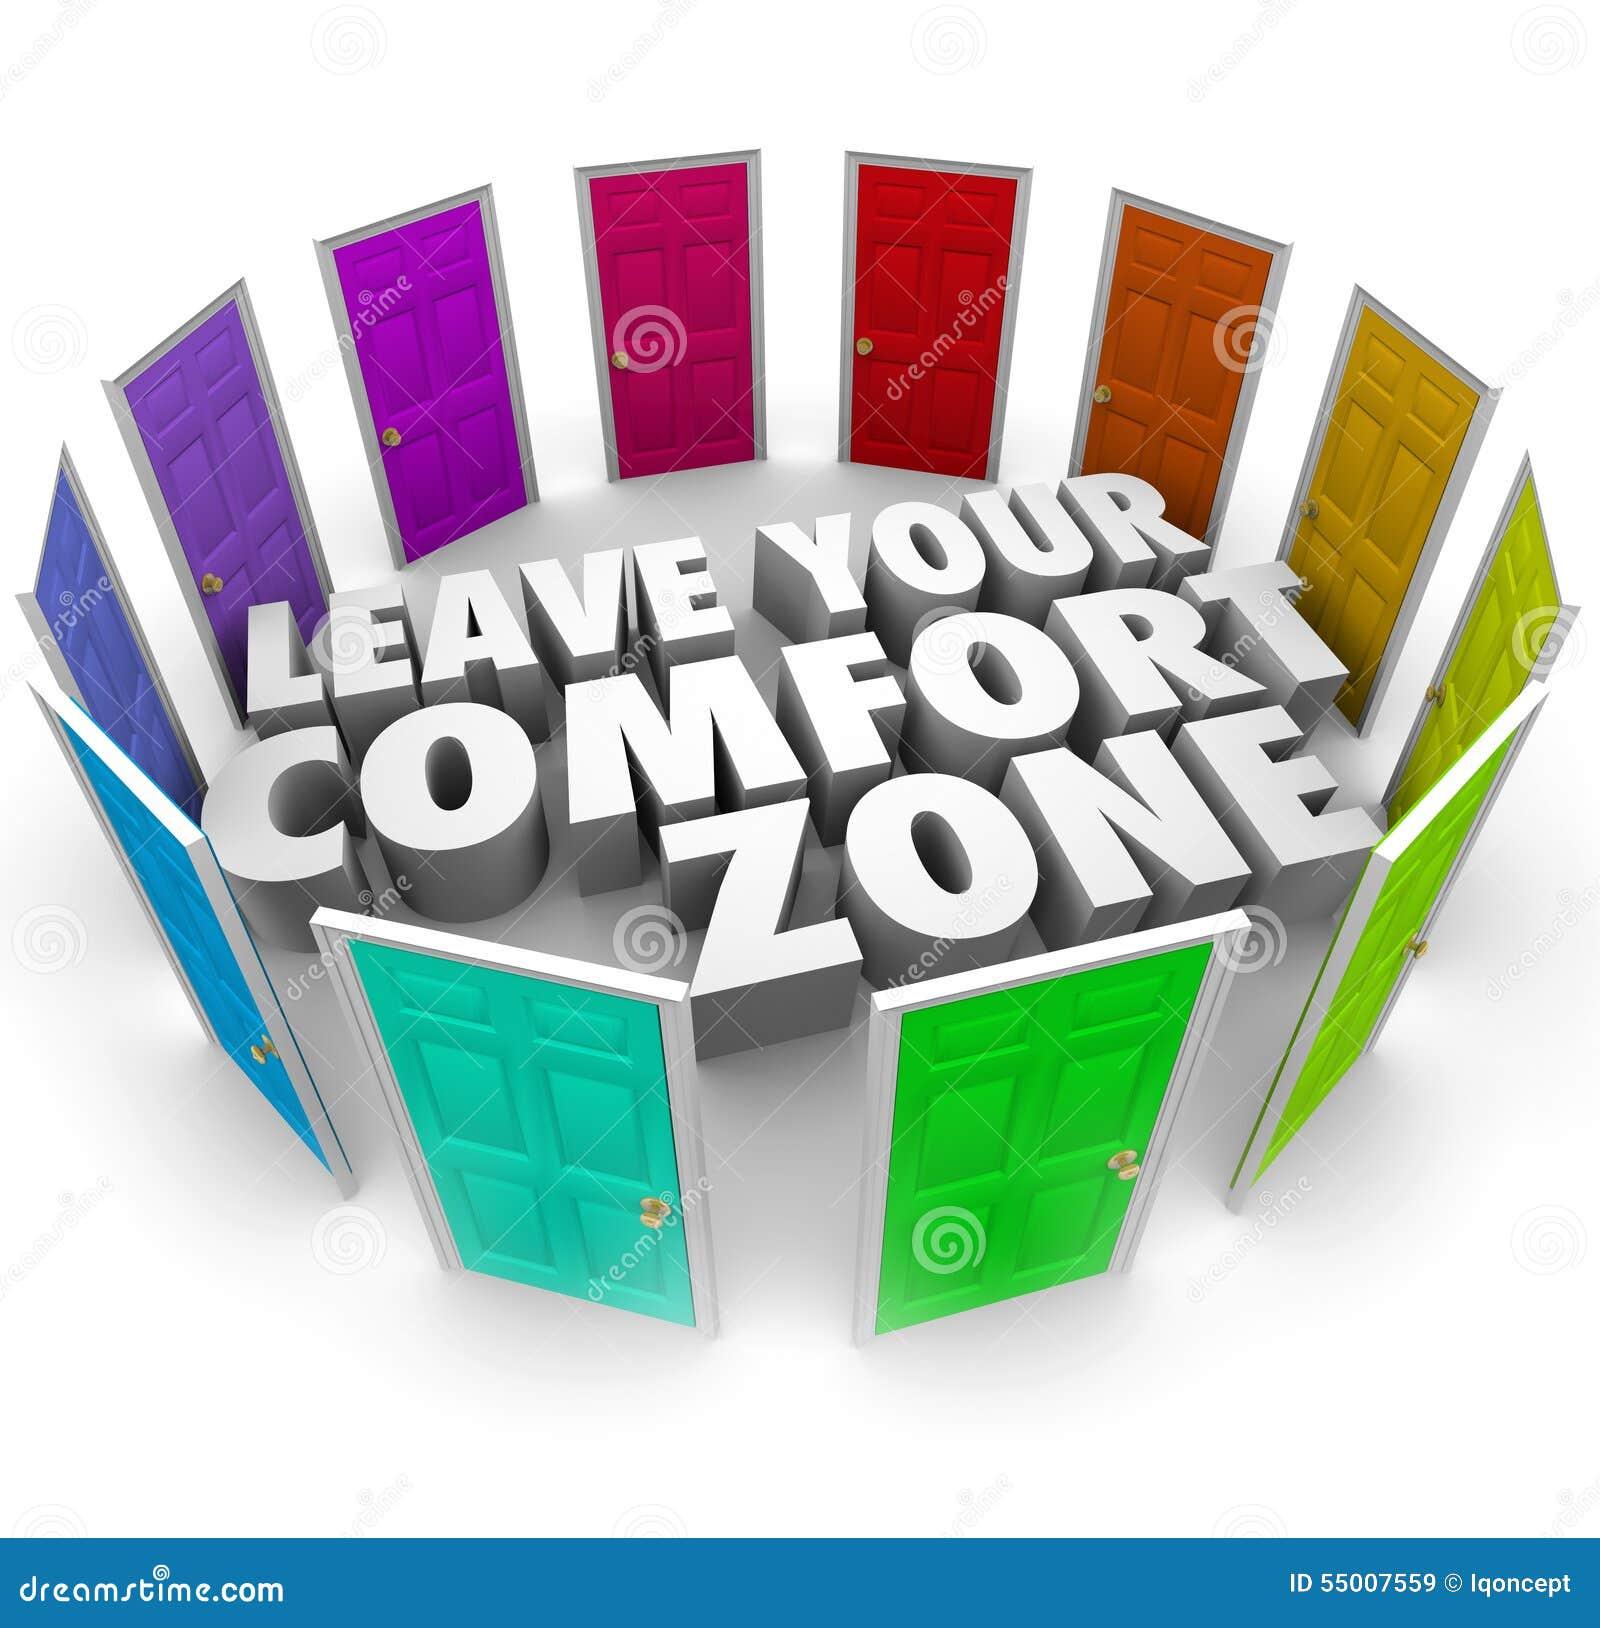 Leave Your Comfort Zone Doors New Opportunities